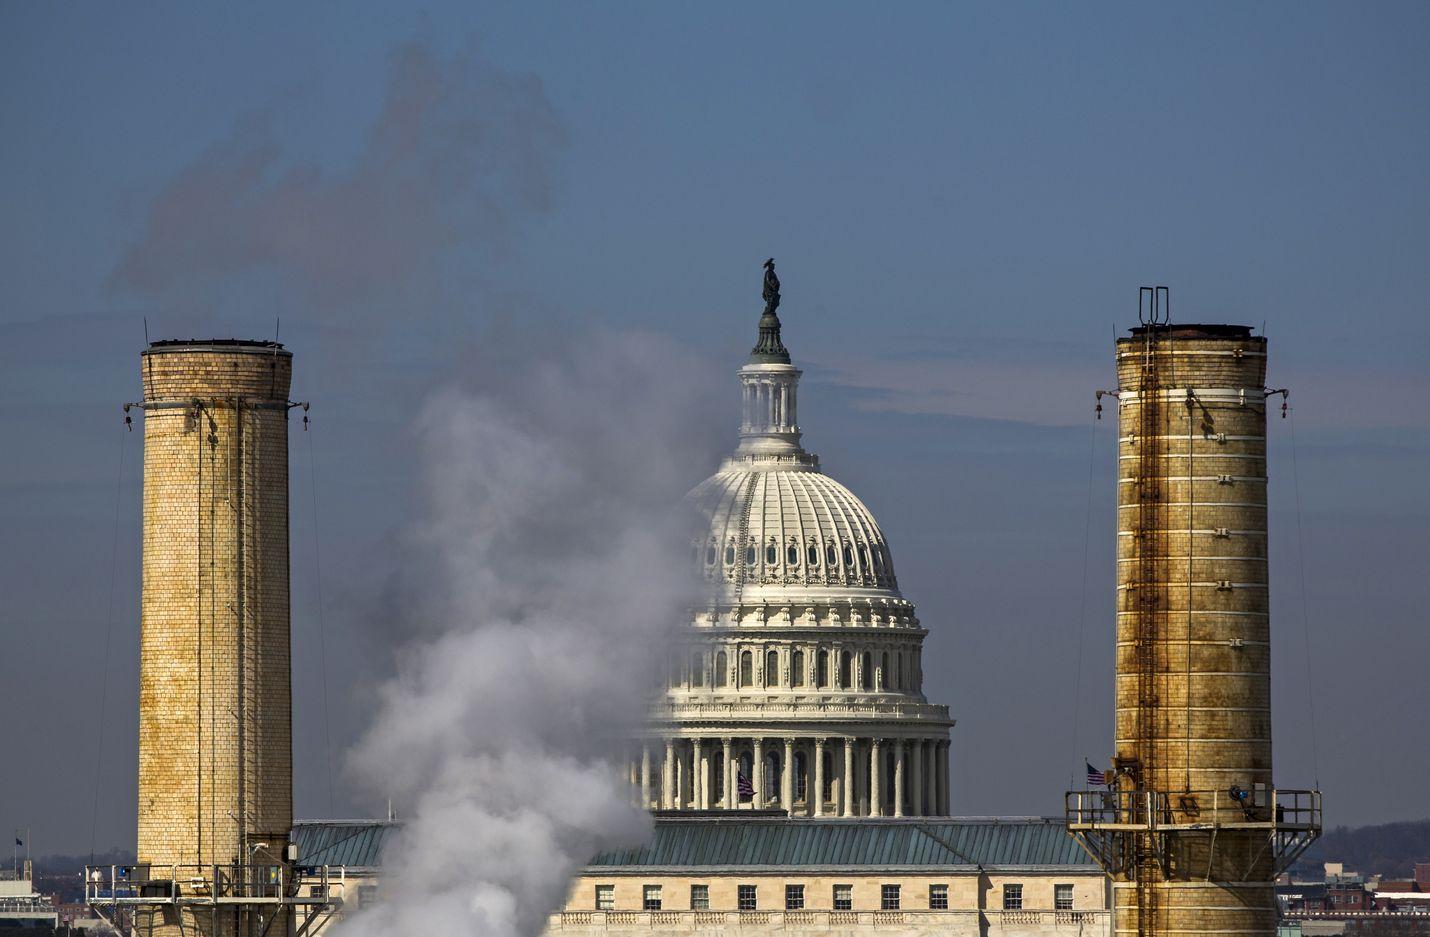 Yhdysvaltain kongressirakennuksen kupoli näkyy Washingtonin ainoan hiilivoimalan savupiippujen takaa. Yhdysvalloissa 65 prosenttia kyselyyn vastanneista on sitä mieltä, että nyt on kyseessä maailmanlaajuinen ilmastohätätila.